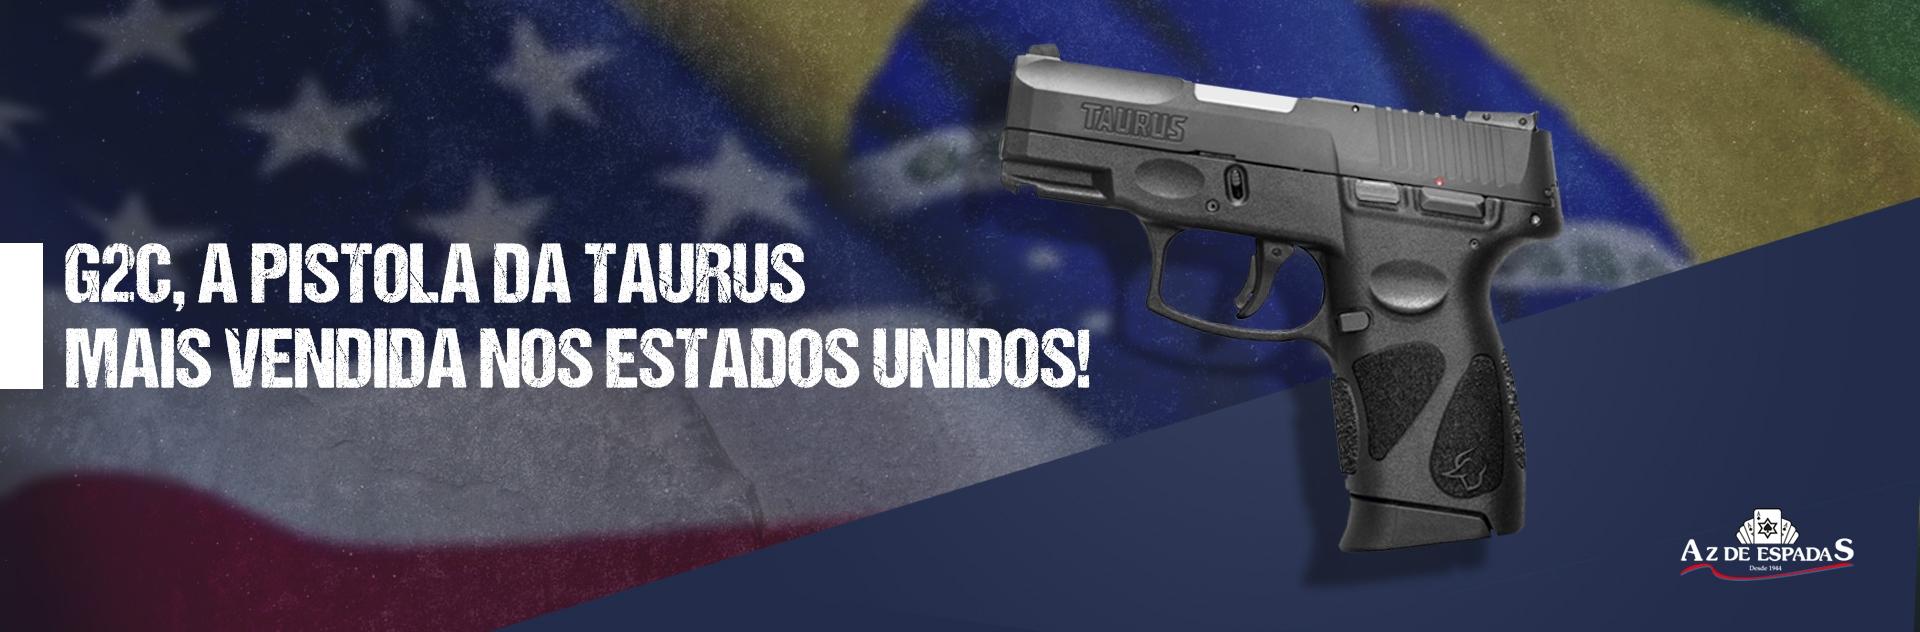 G2C Taurus